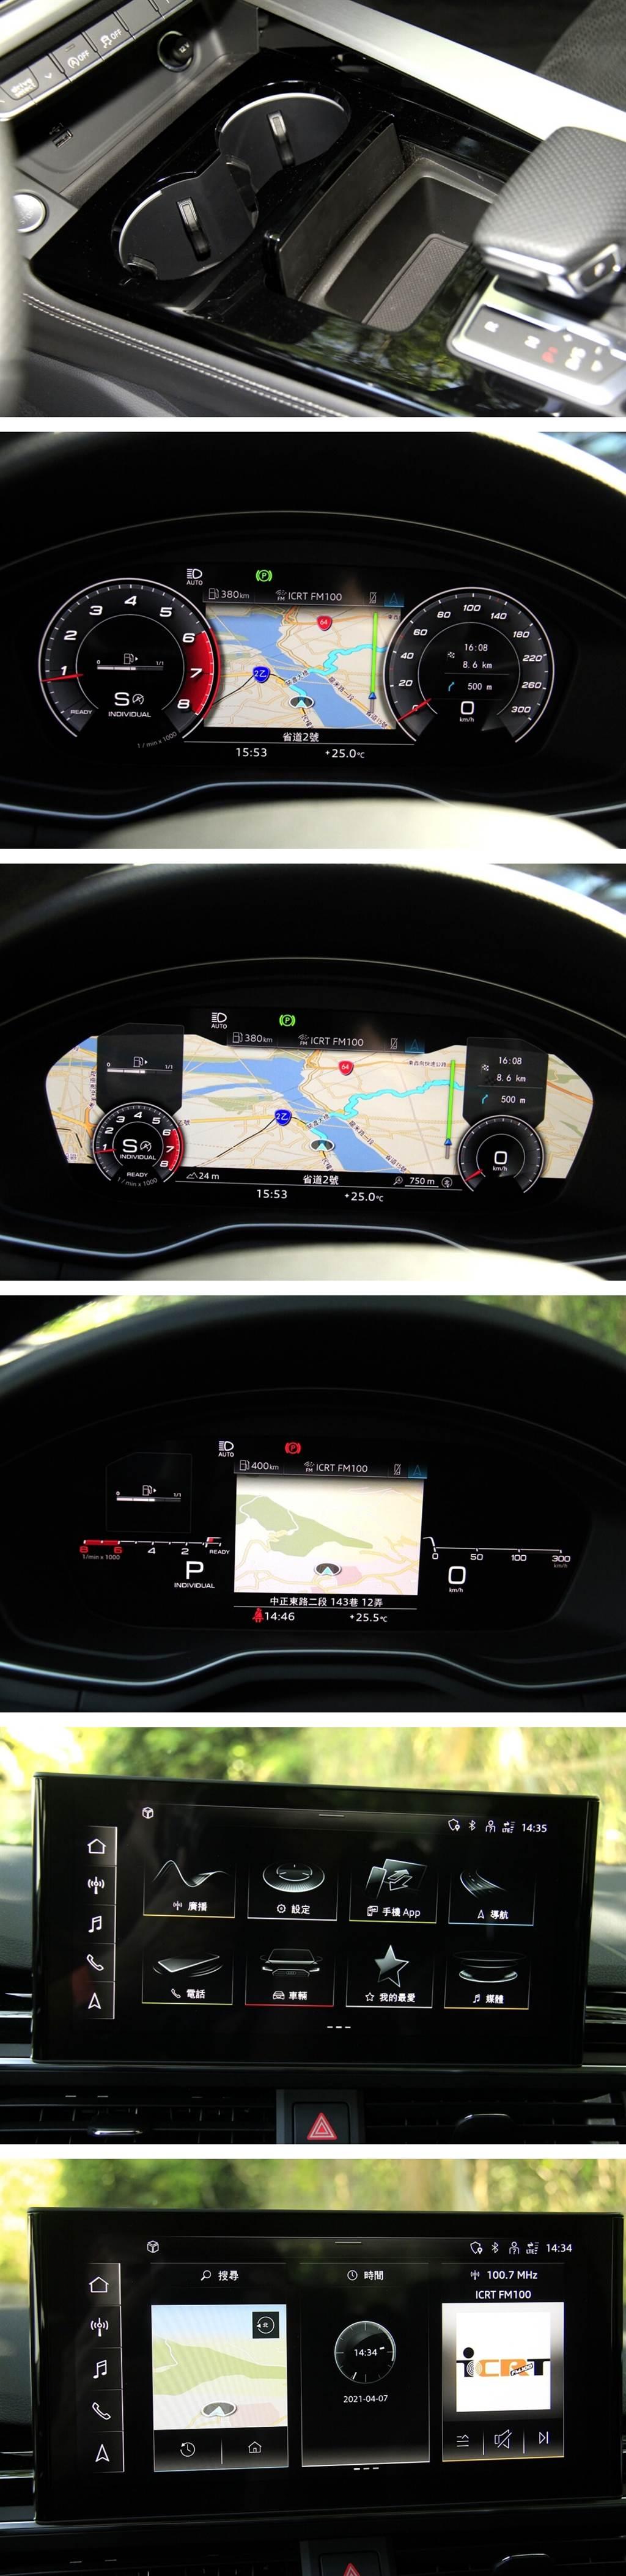 除了Matrix矩陣式LED極光頭燈(A5 Sportback全車系標配)之外,直覺化科技12.3吋Audi全數位虛擬駕駛座艙plus、10.1吋MMI觸控螢幕、靈活空間機能與頂級車艙配備,打造智慧的車室環境,也是A5的大賣點。